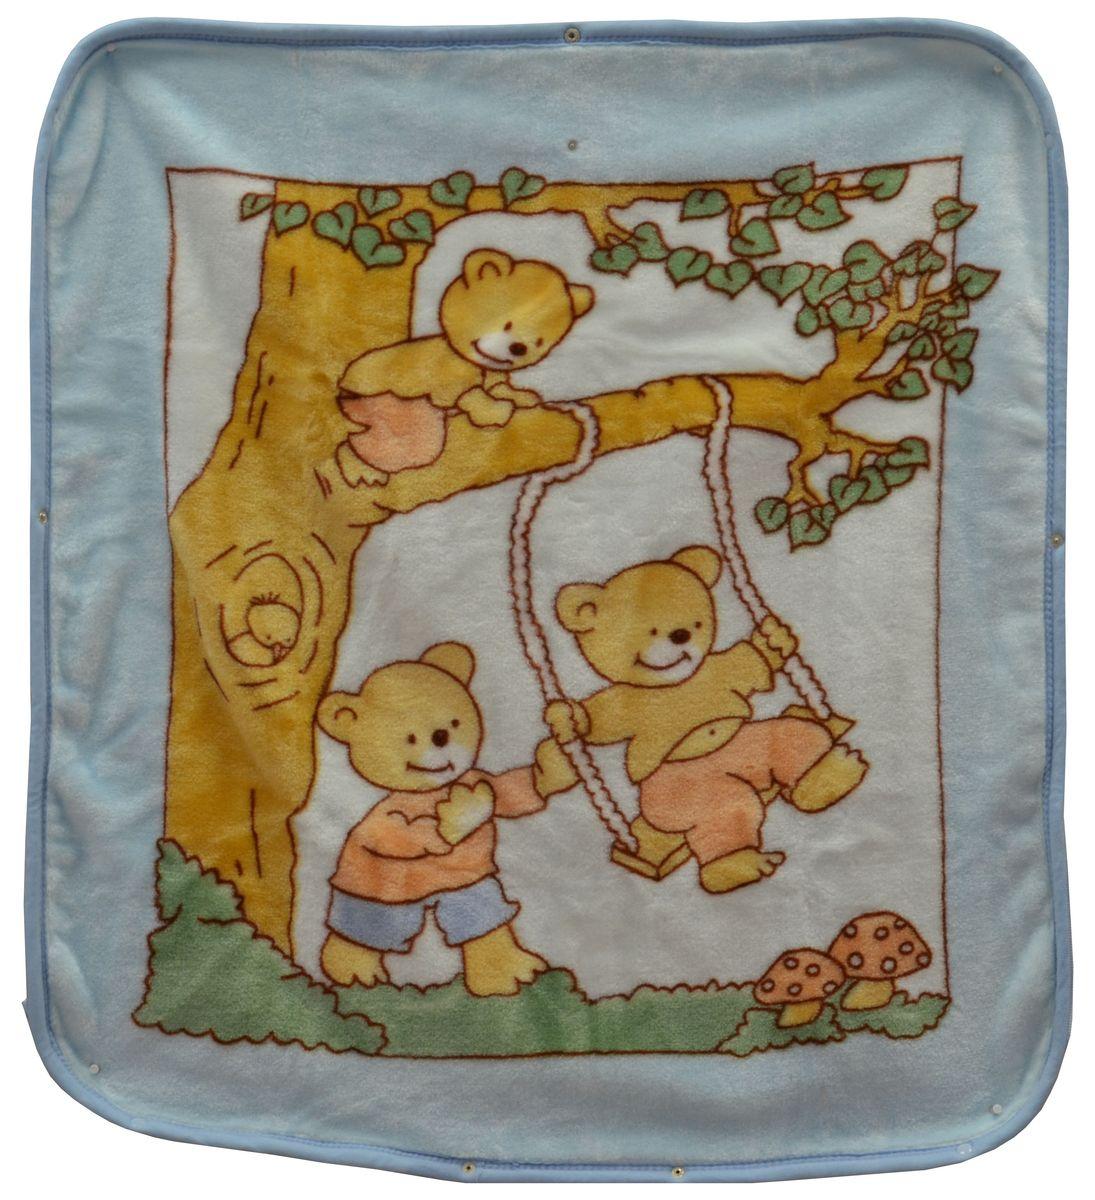 Bonne Fee Плед-накидка для младенцев на молнии 3, 80 х 90 см, цвет: голубой103300Плед-накидка для младенцев на молнии Bonne Fee - защита, тепло и комфорт для малышей - использован надёжный, качественный и мягкий материал! Удобство и спокойствие для родителей обеспечивается универсальностью пледа-накидки, конструкция которого позволяет ему легко превращаться в конвертик. Отличное качество и практичность! Любите своего ребёнка и дарите ему лучшее!